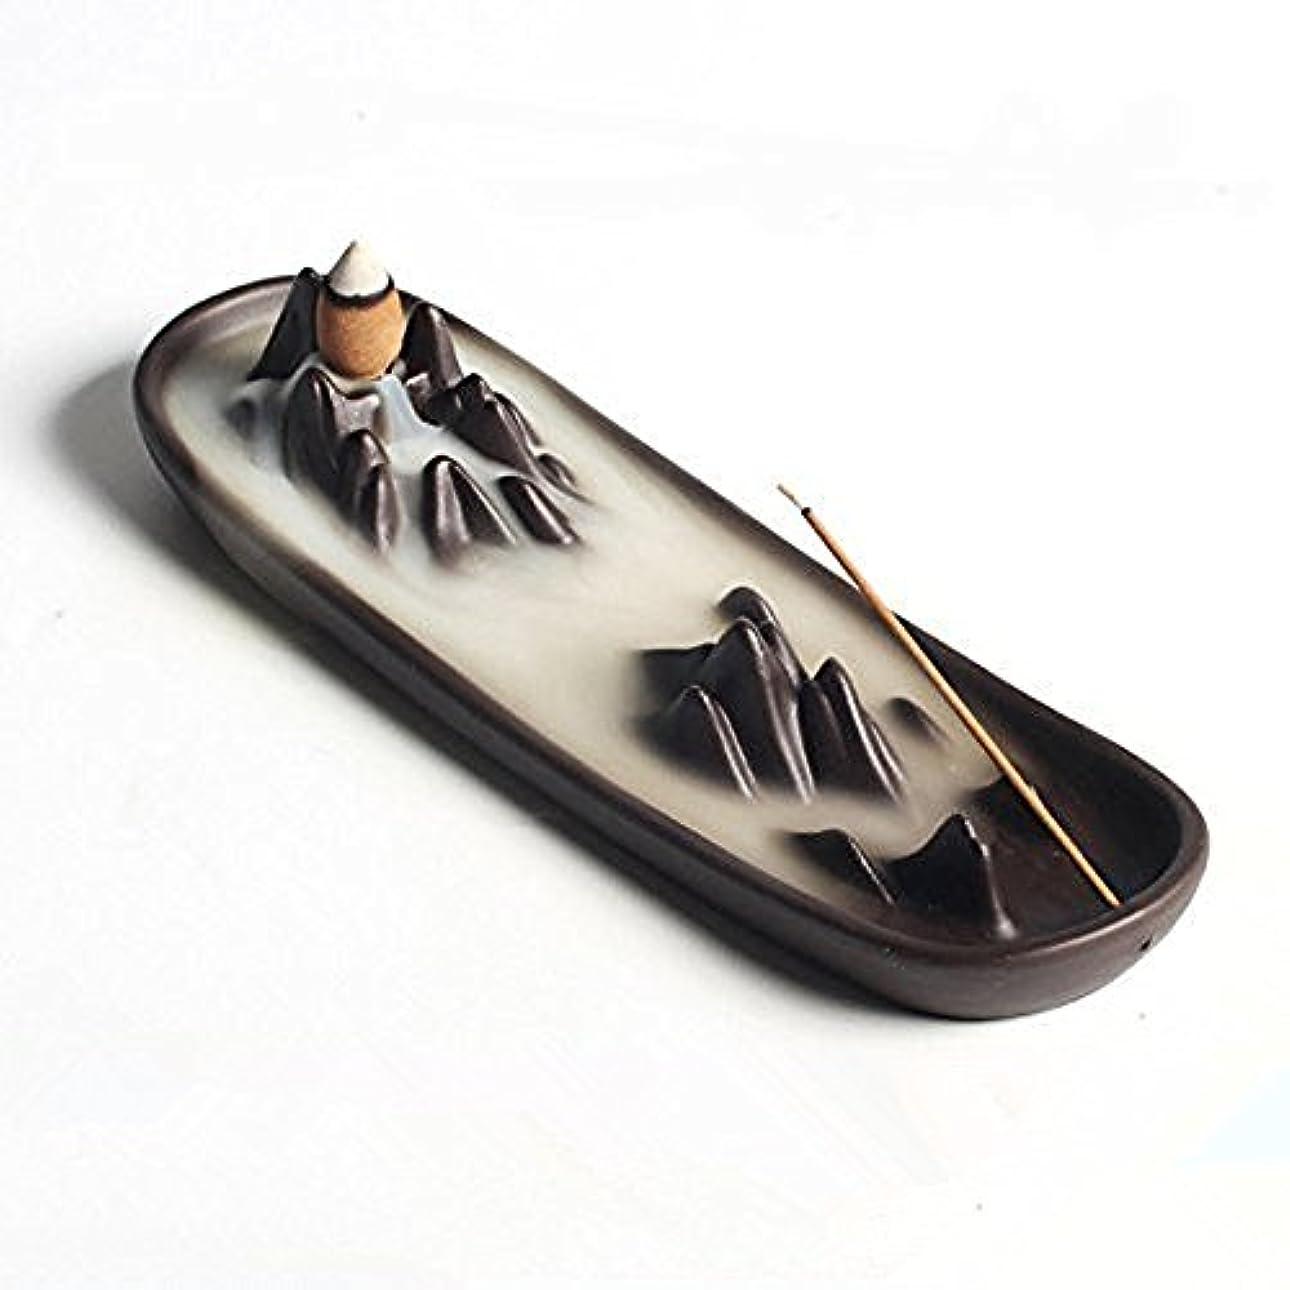 ほこりっぽい感嘆パンツCeramic mountain peak Boat Style Multifunction Incense Burner Stick Backflow Incense Holder Clay Incense Ash Catcher...